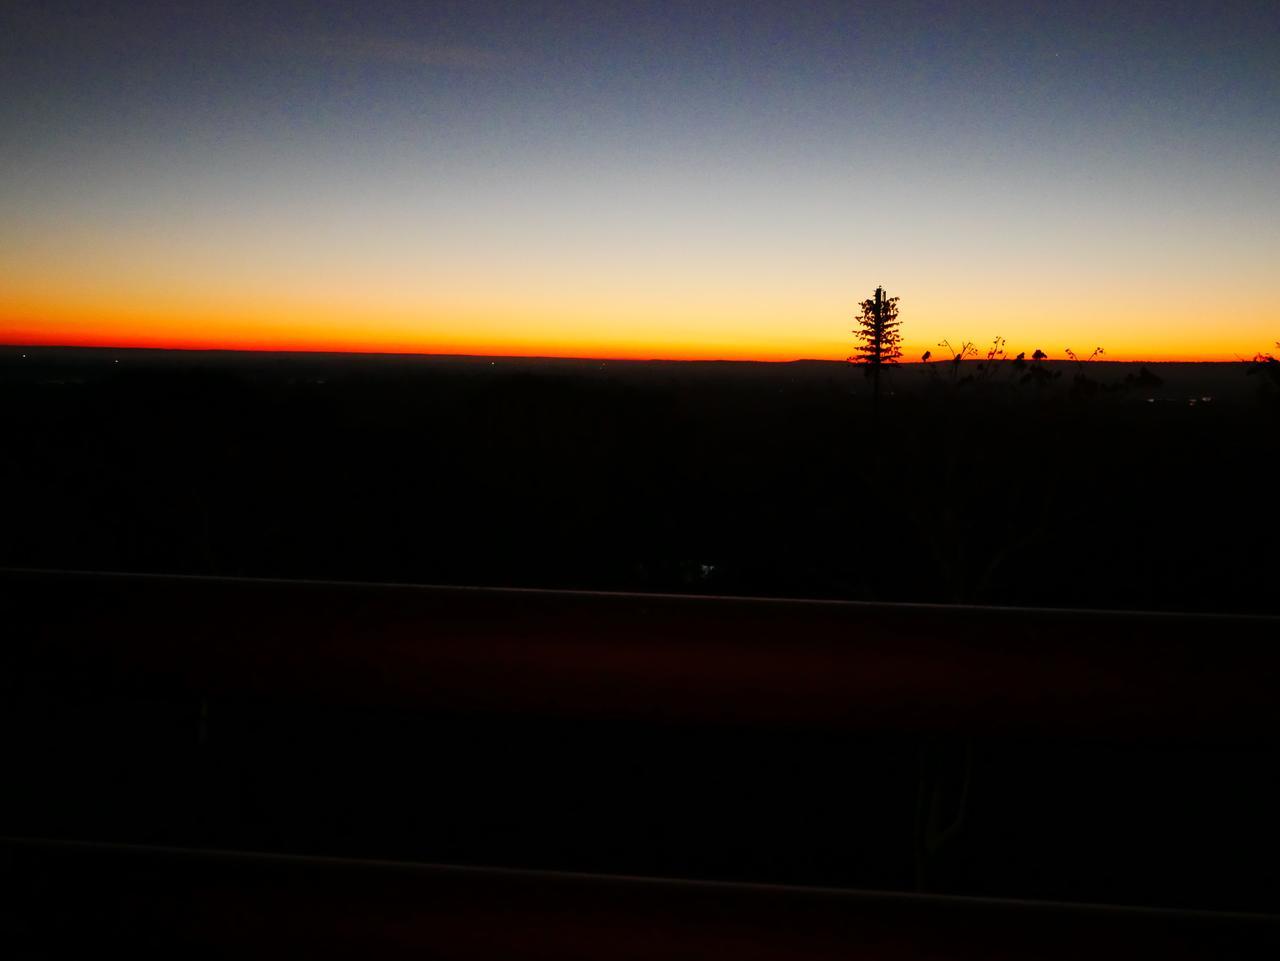 画像: 当時の日の出時間は6:40頃でした。(2019年7月 担当者撮影)